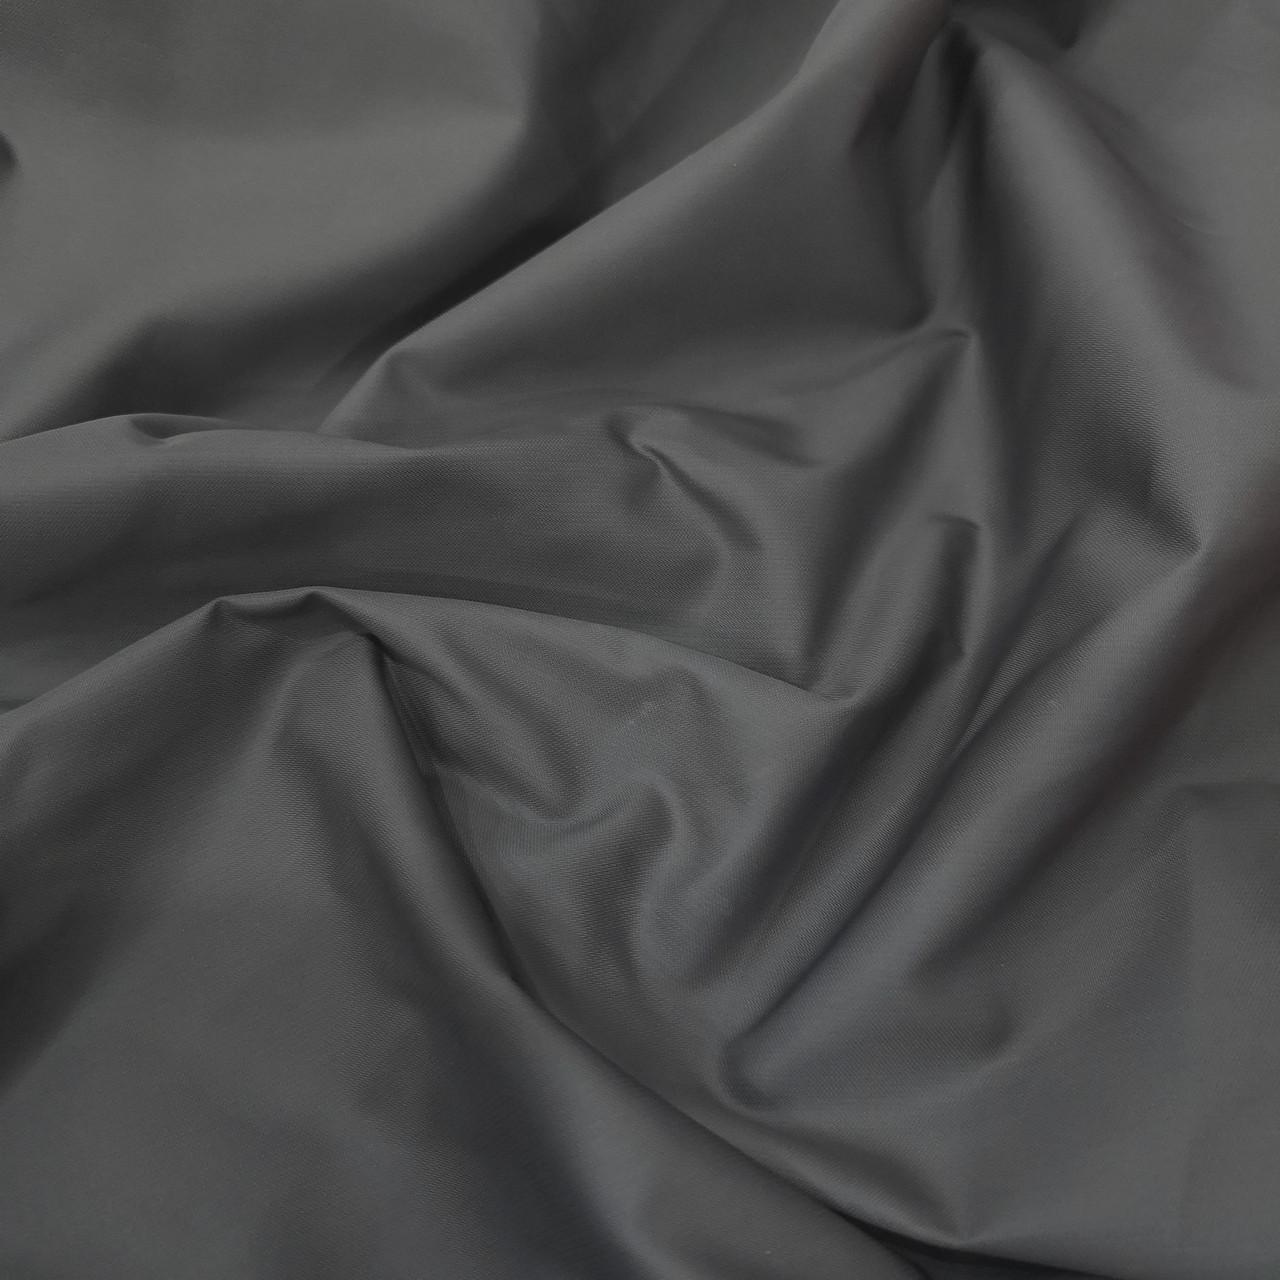 Купить ткань плащевка на украине вельвет ткань плюсы и минусы